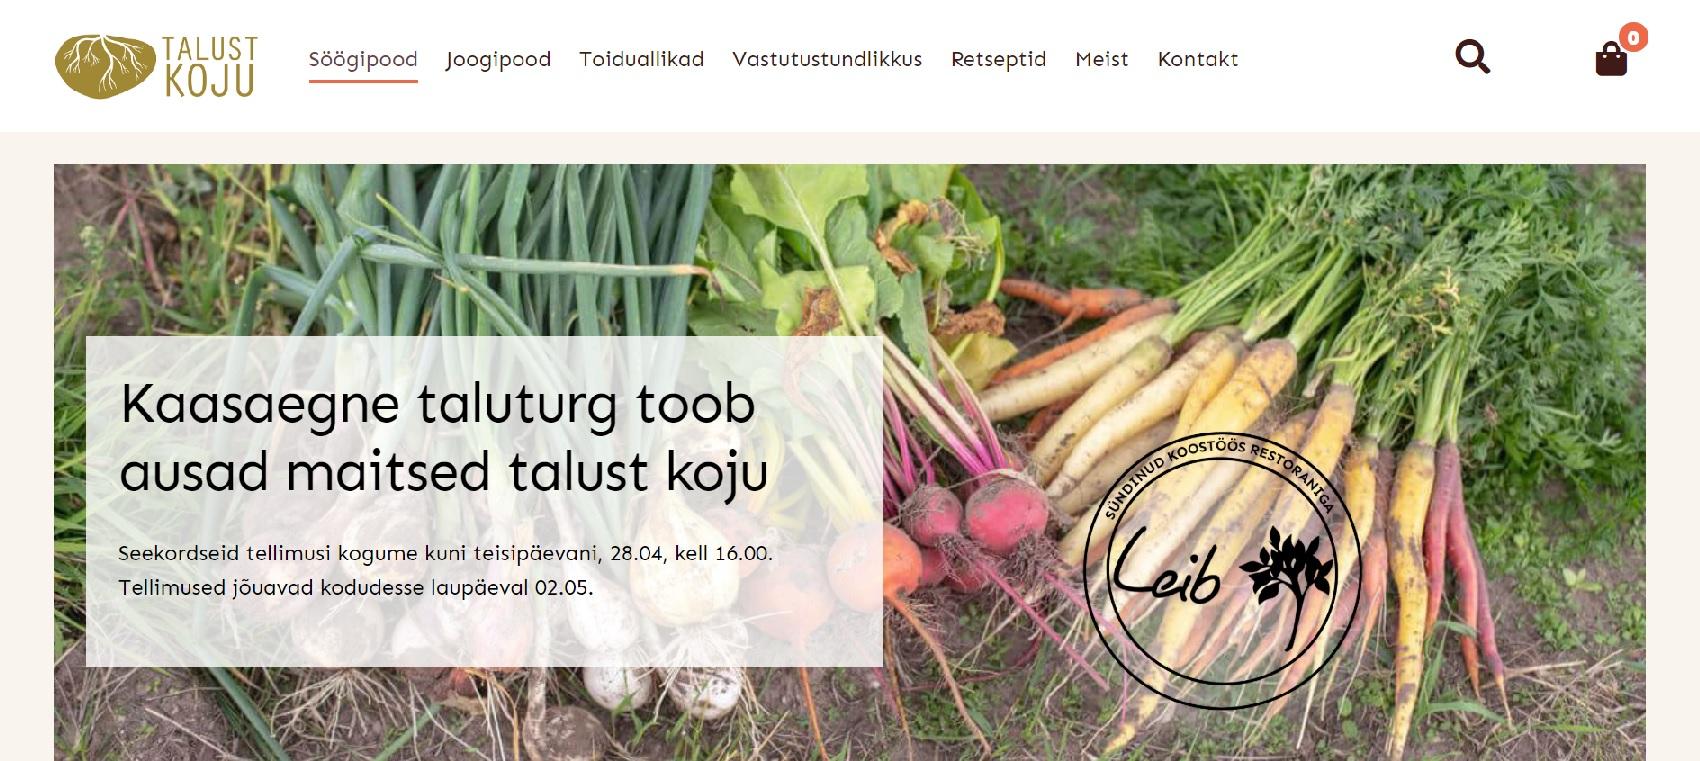 Talust Koju veebipood